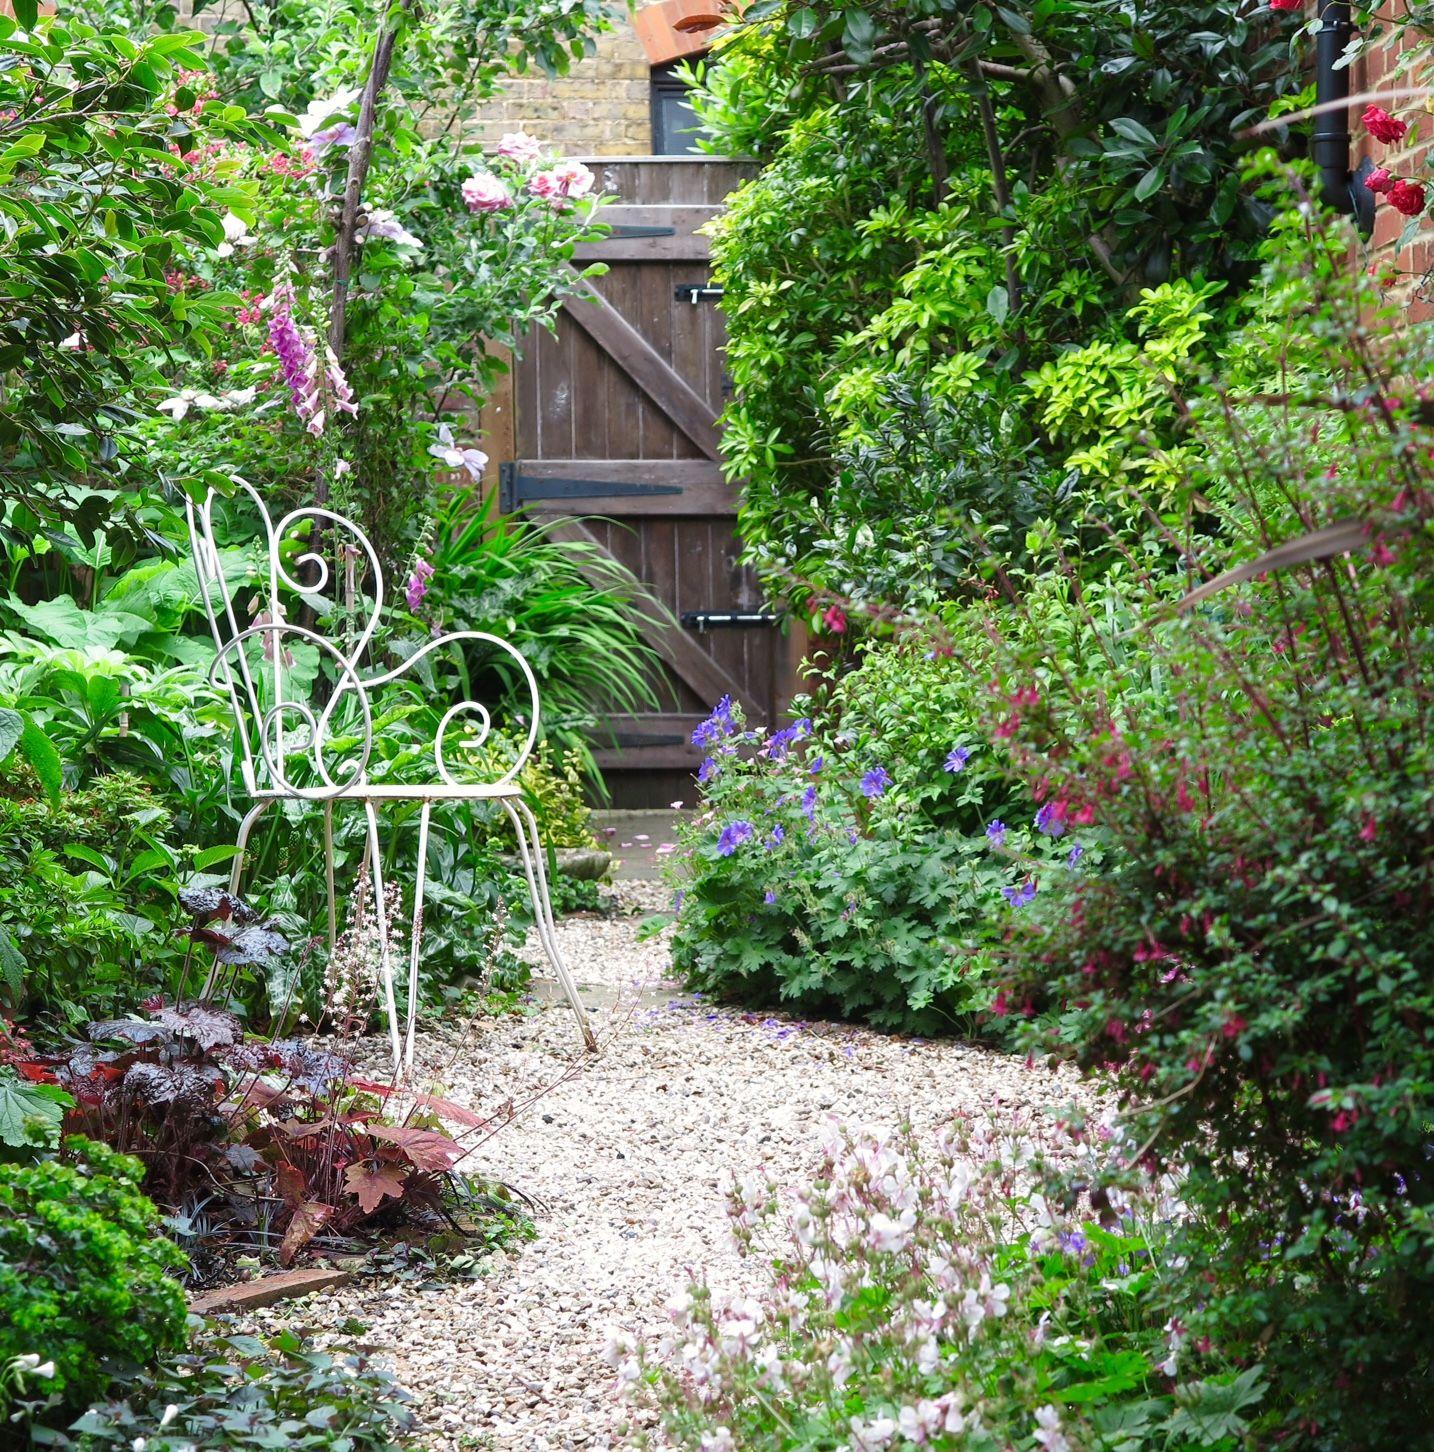 8 effective tips for narrow town garden success Urban